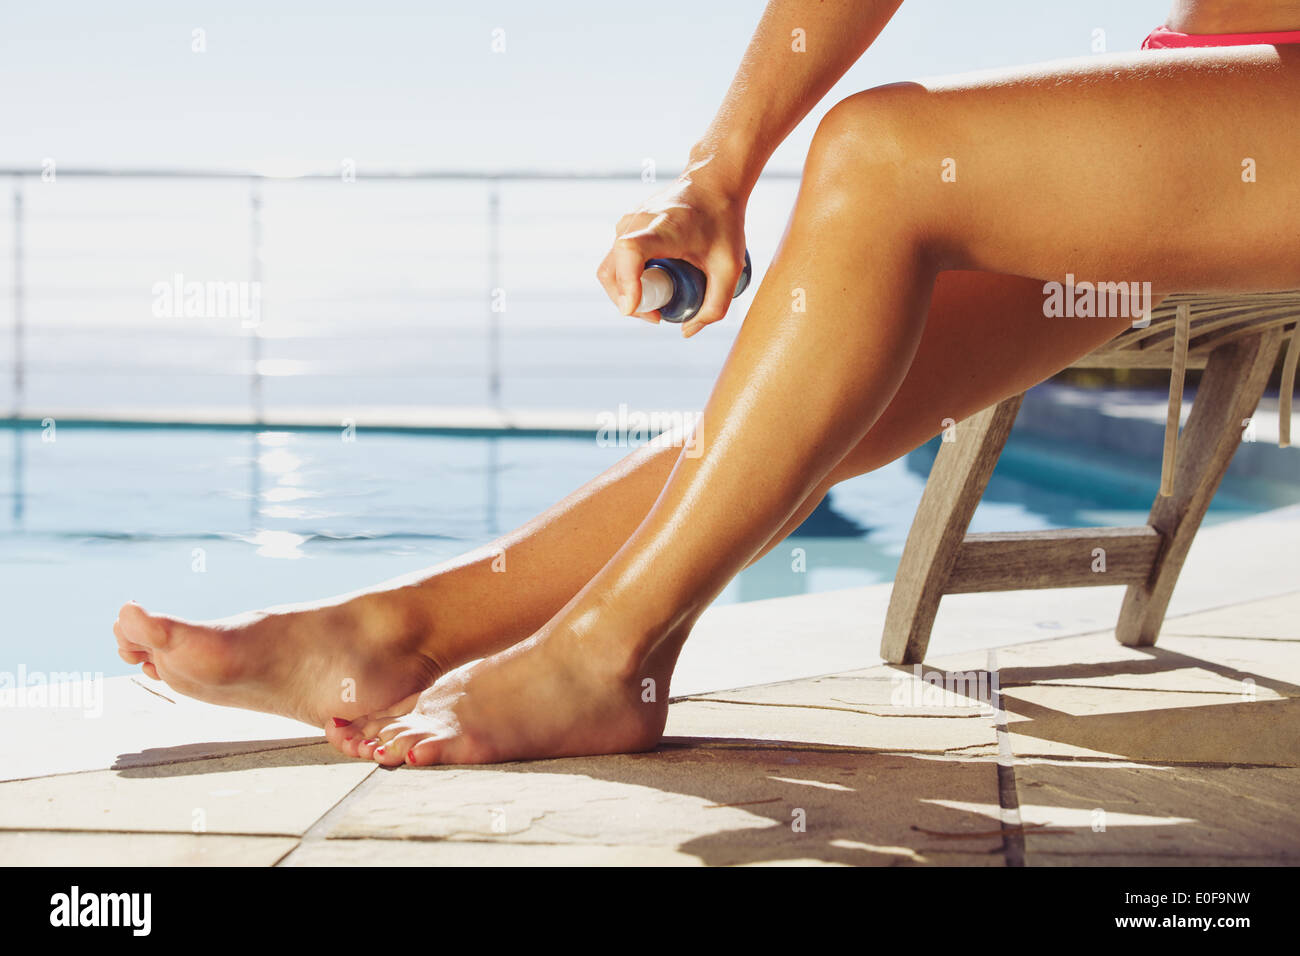 Mujer aplicar bronceador en spray sobre sus piernas. Mujer sentada en sillón reclinable junto a la piscina y tomar el sol. Imagen De Stock